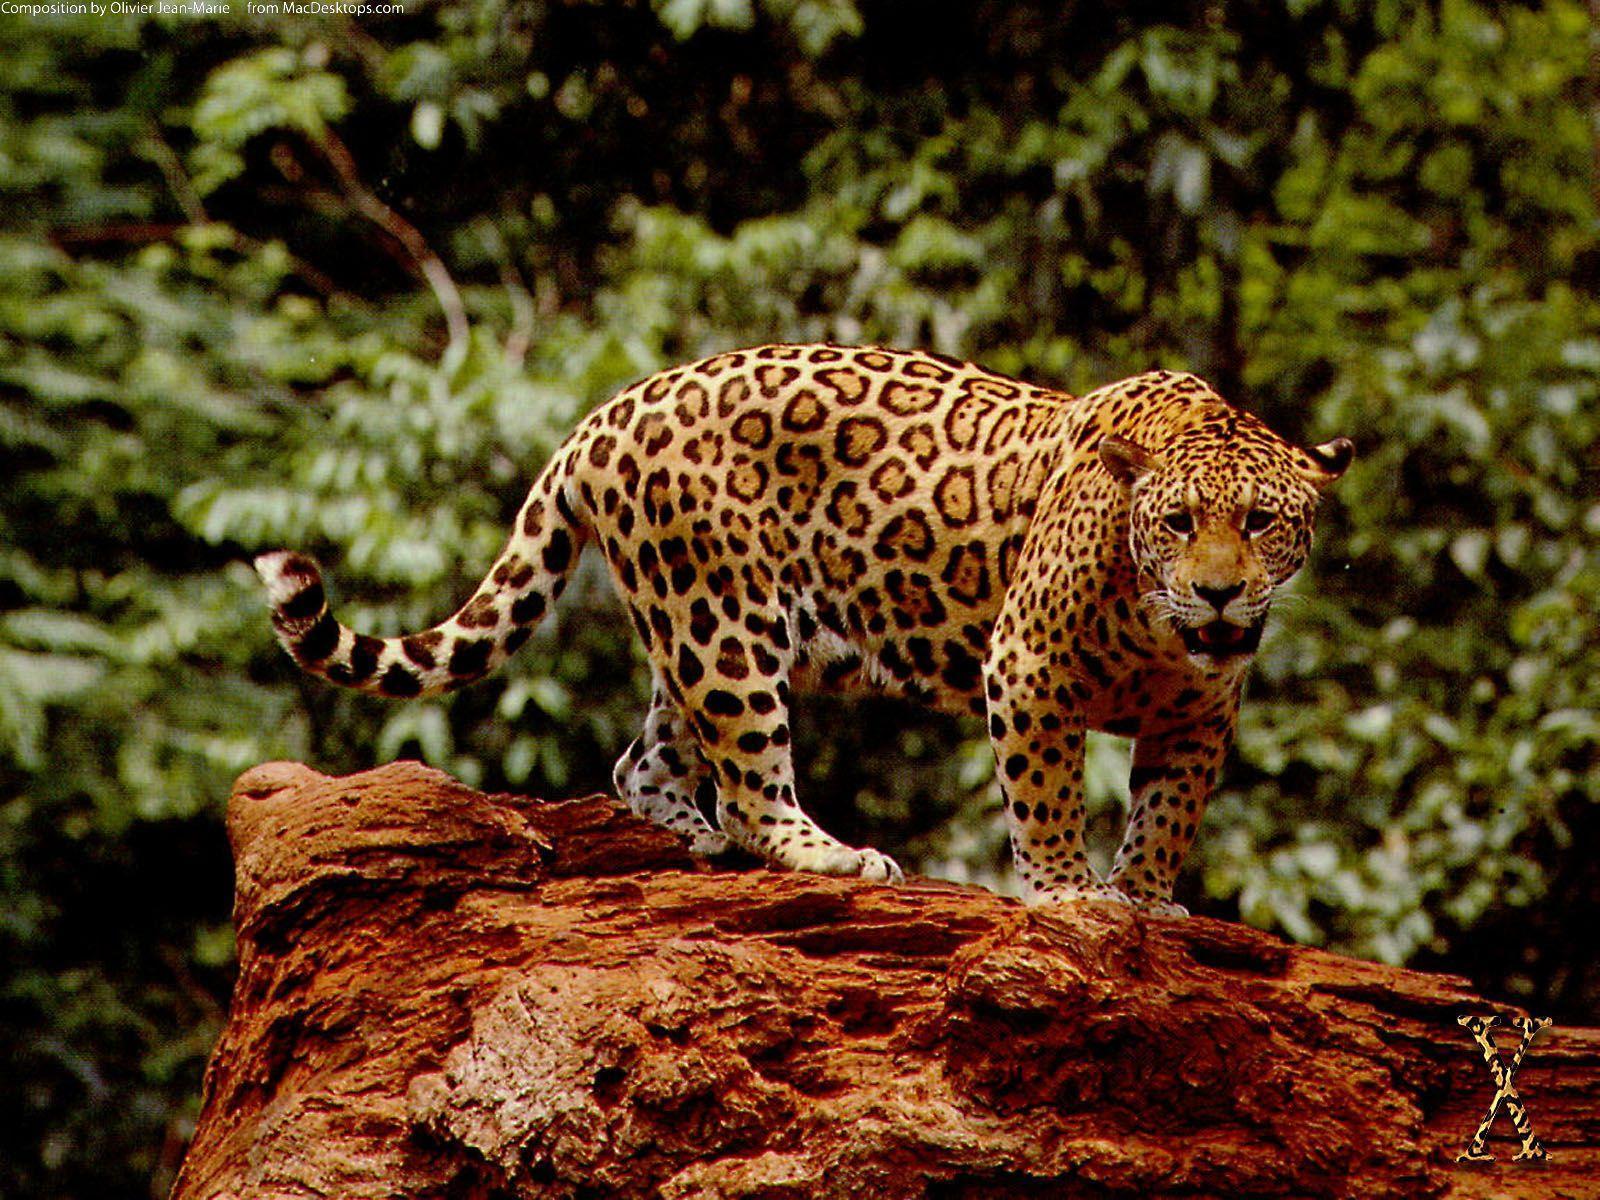 Great Jaguar Wallpapers | HD Wallpapers